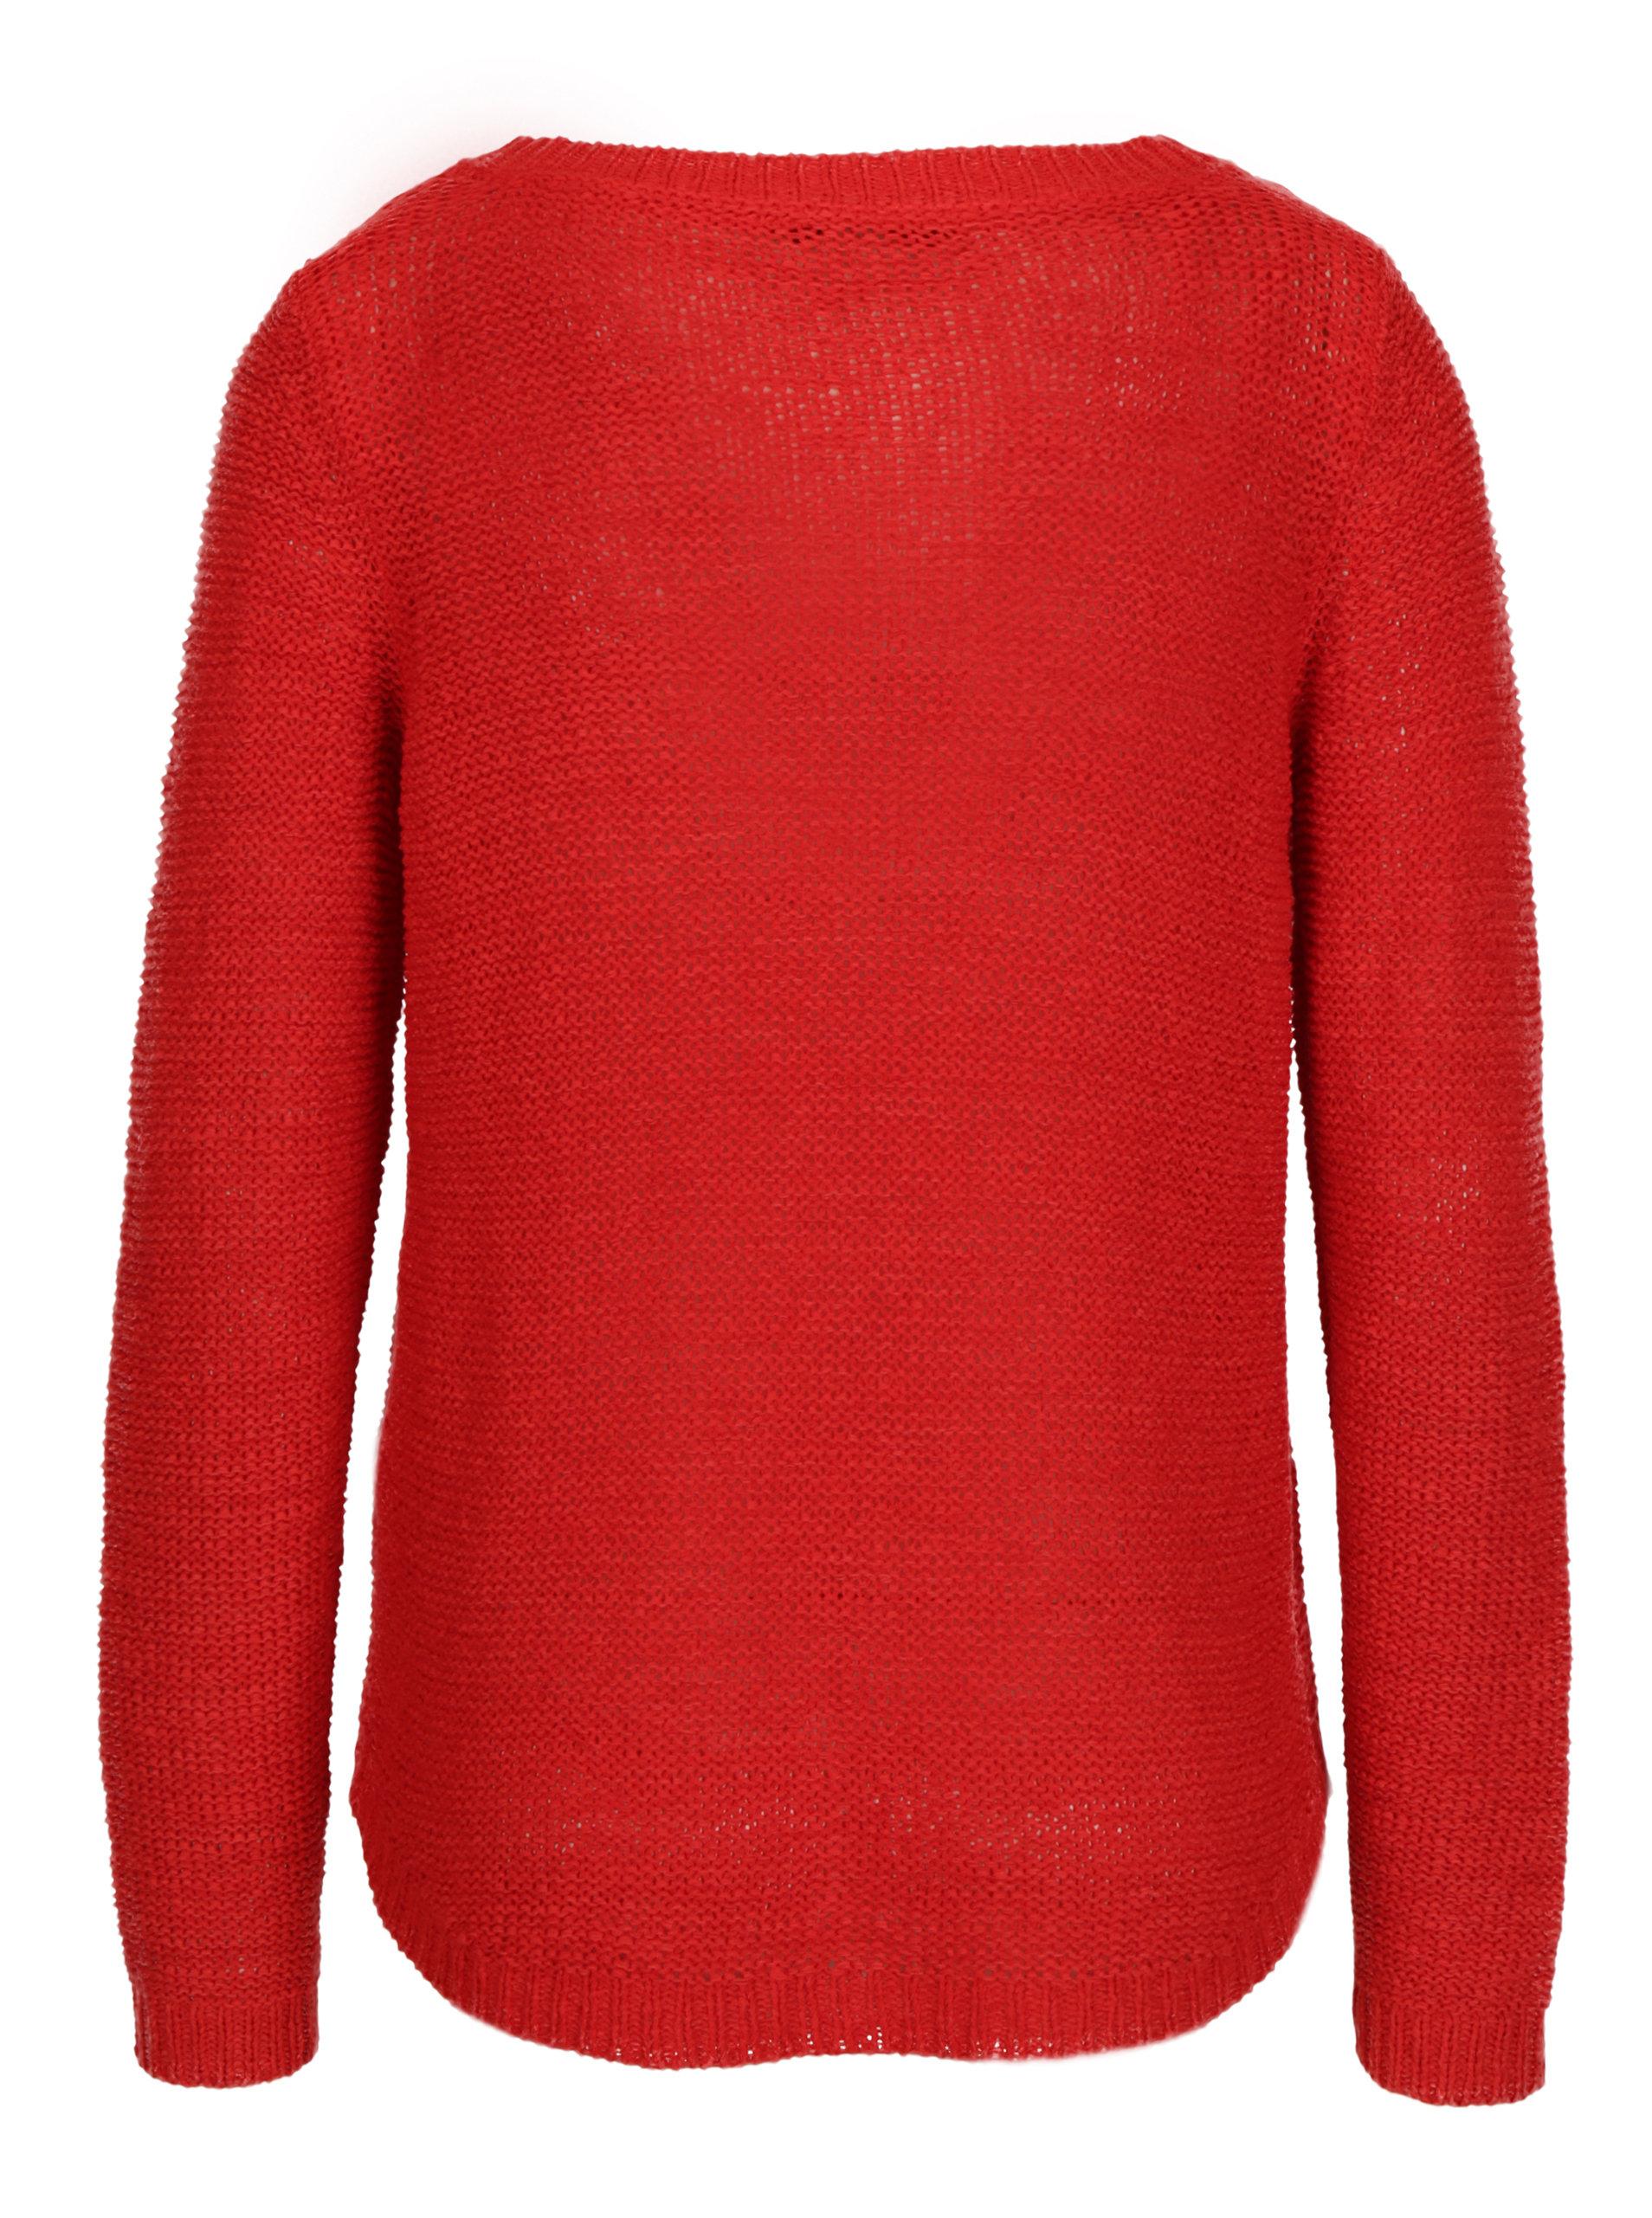 67f4f243f685 Červený pletený sveter ONLY Geena ...